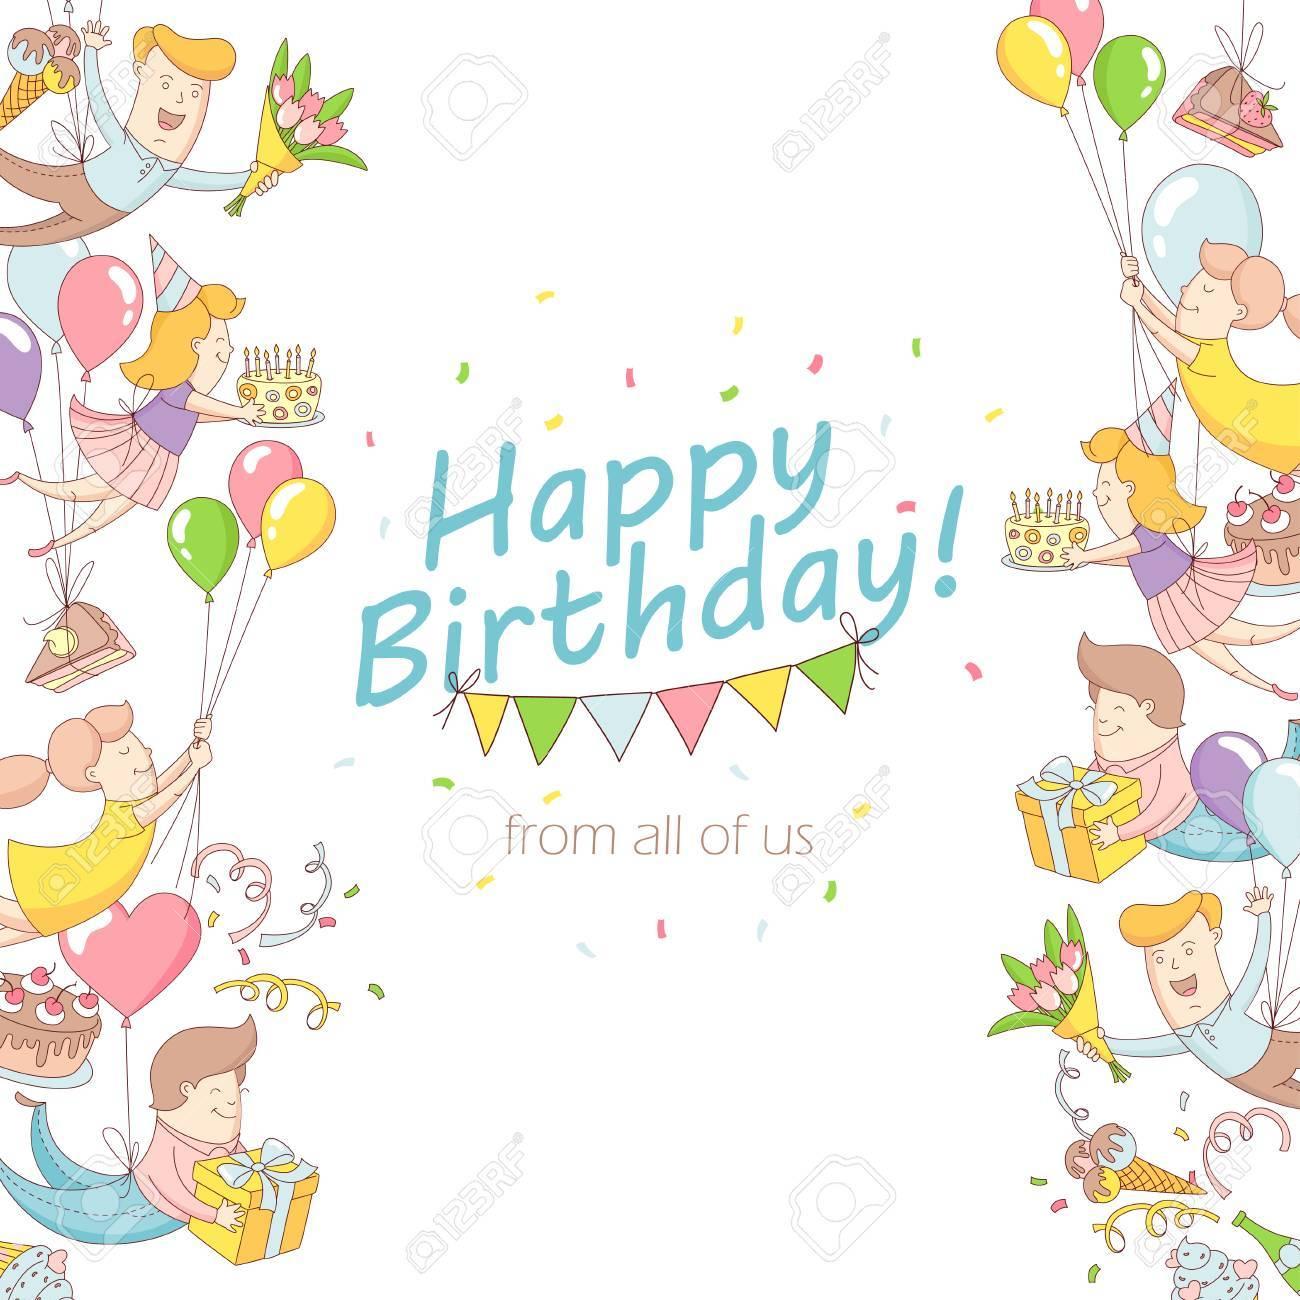 ベクトル イラスト誕生日パーティー グリーティング カード招待面白い人